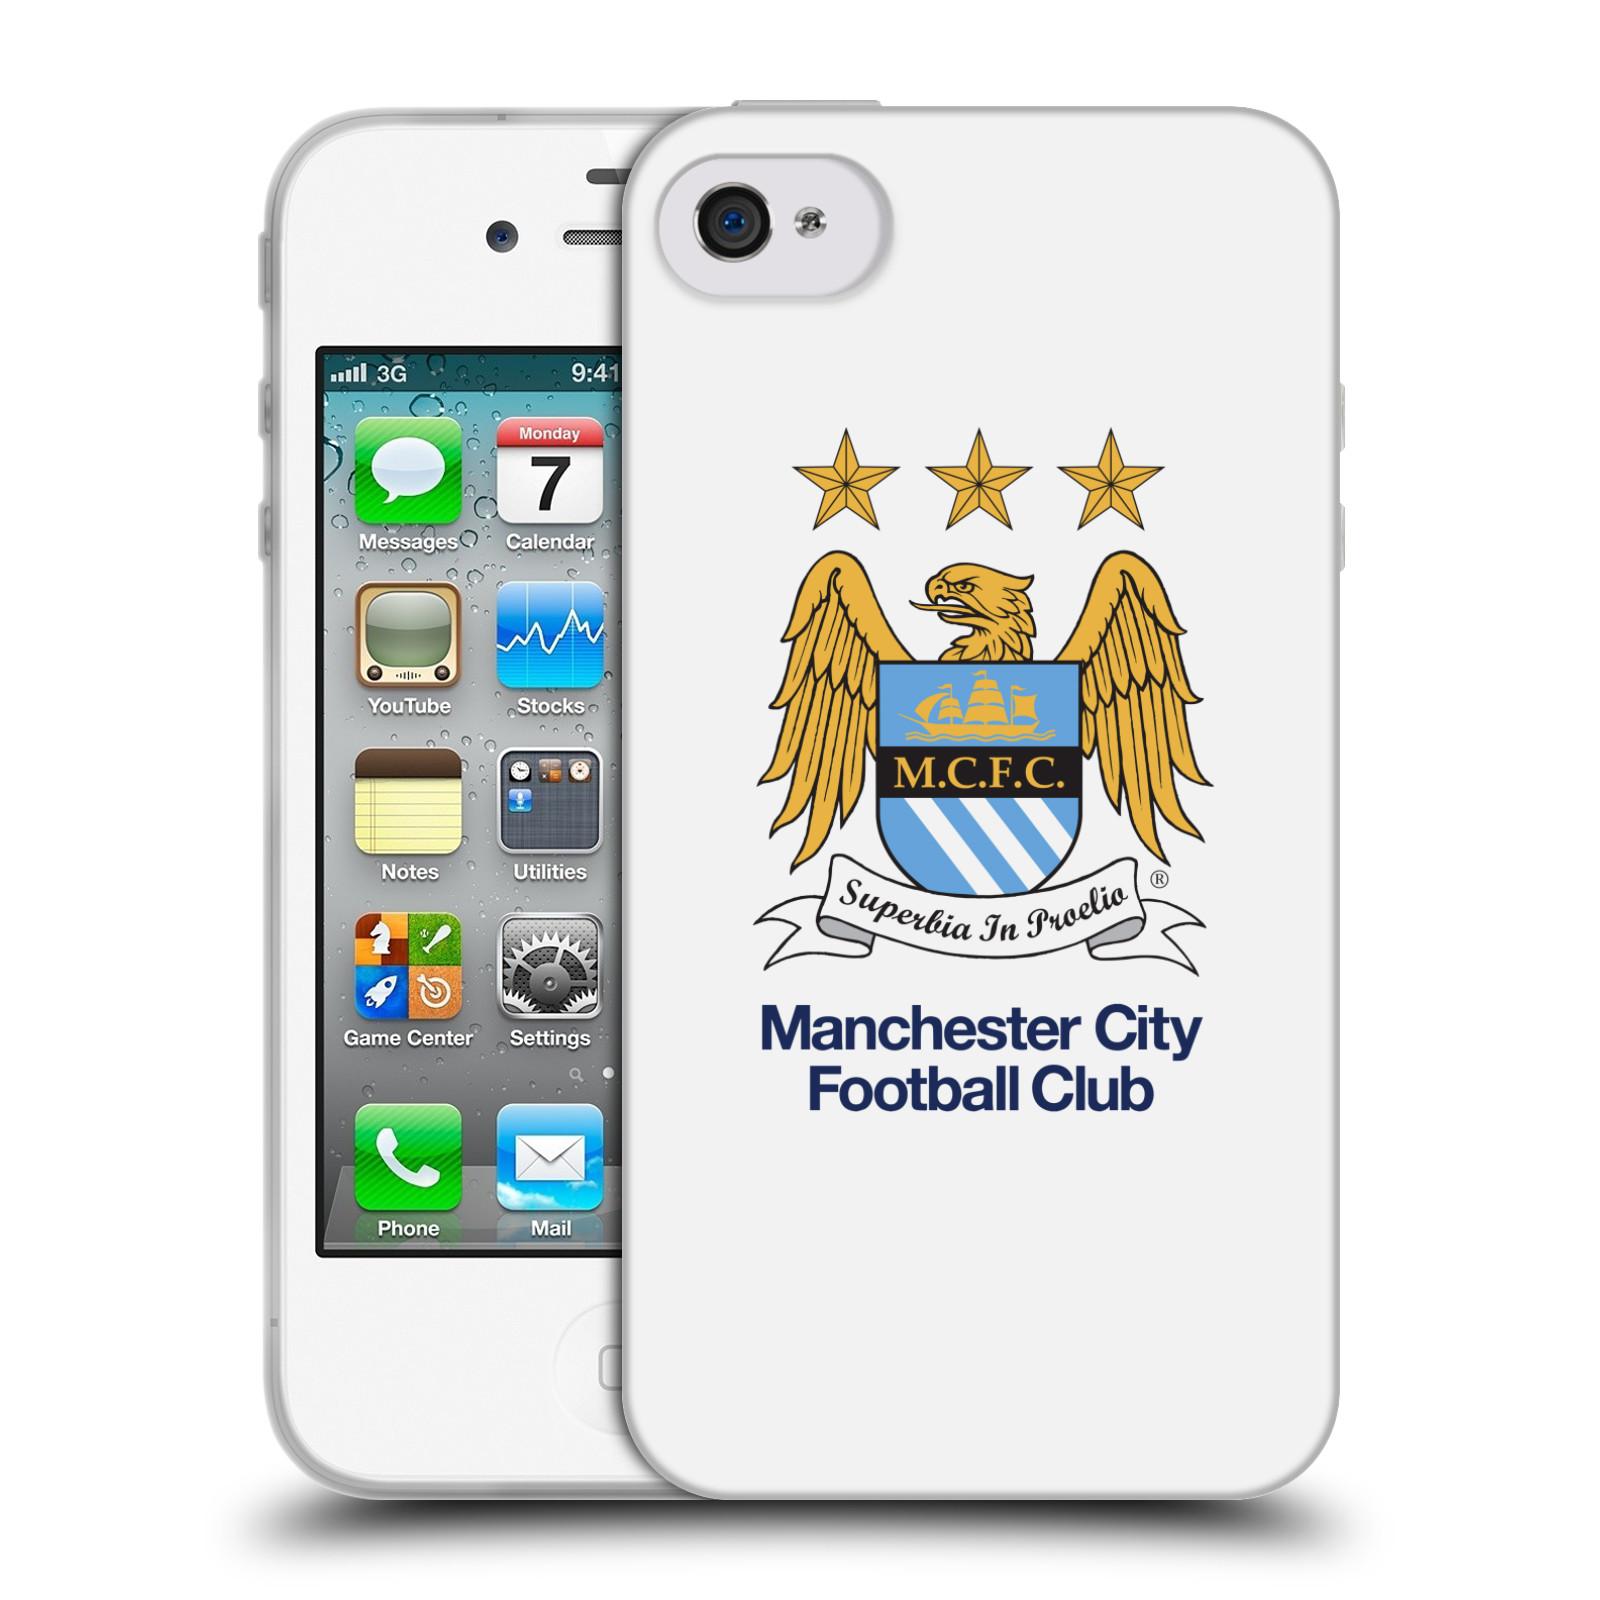 HEAD CASE silikonový obal na mobil Apple Iphone 4 Fotbalový klub Manchester City bílé pozadí velký znak pták